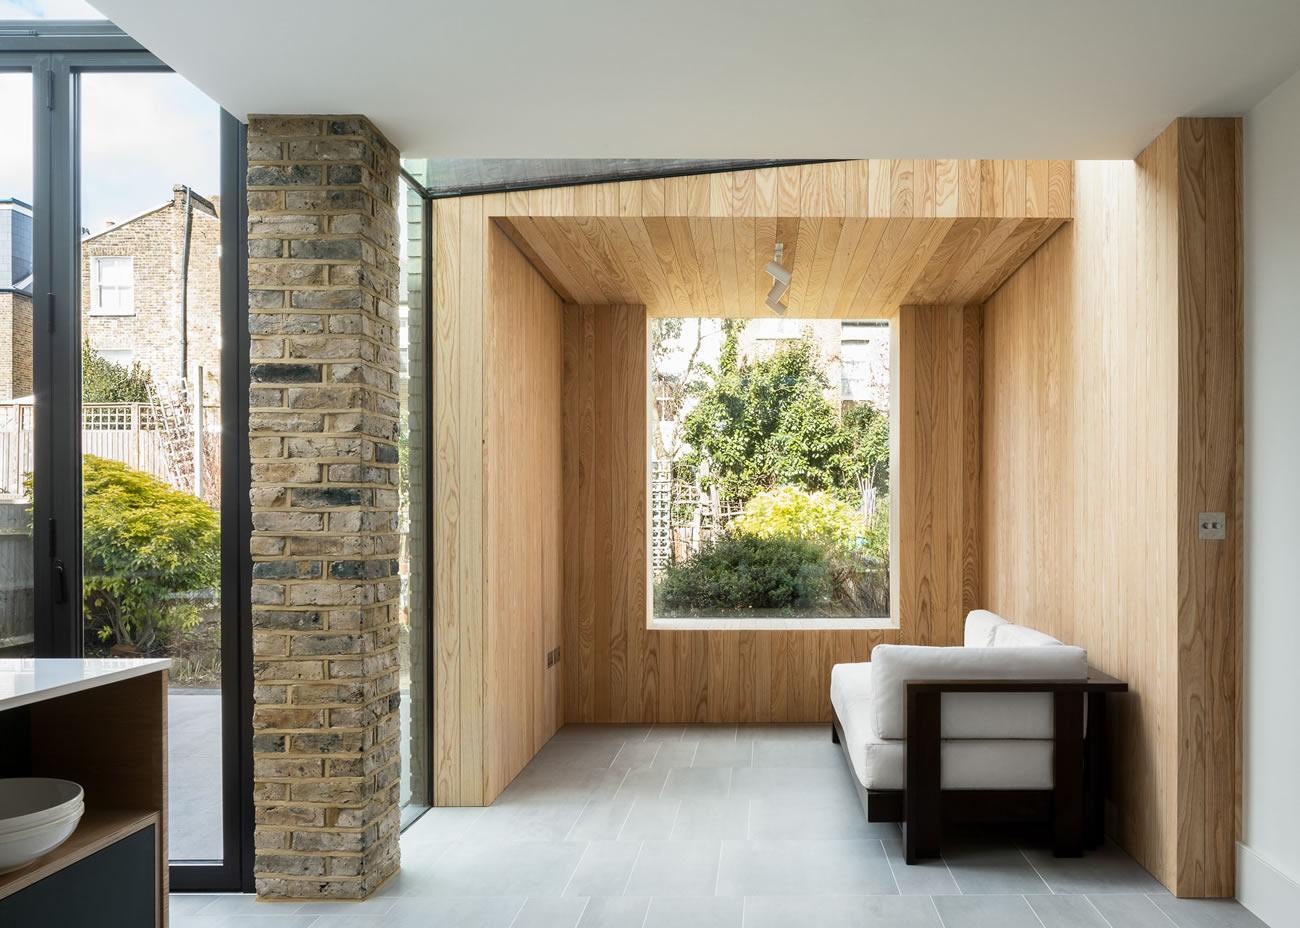 Proctor & Shaw създават уютен кът с изглед към градината